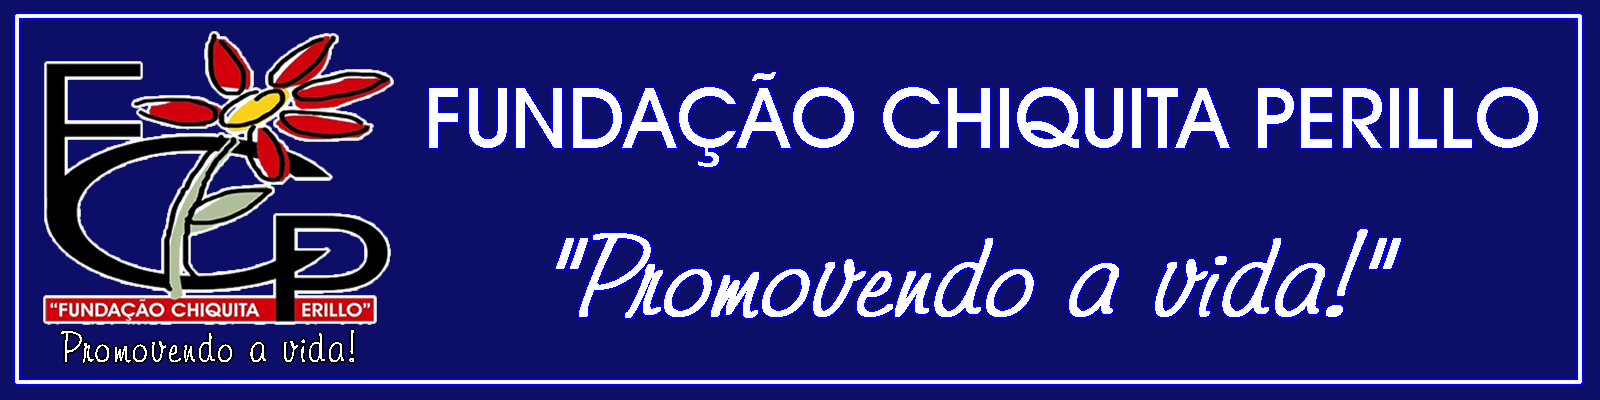 Fundação Chiquita Perillo